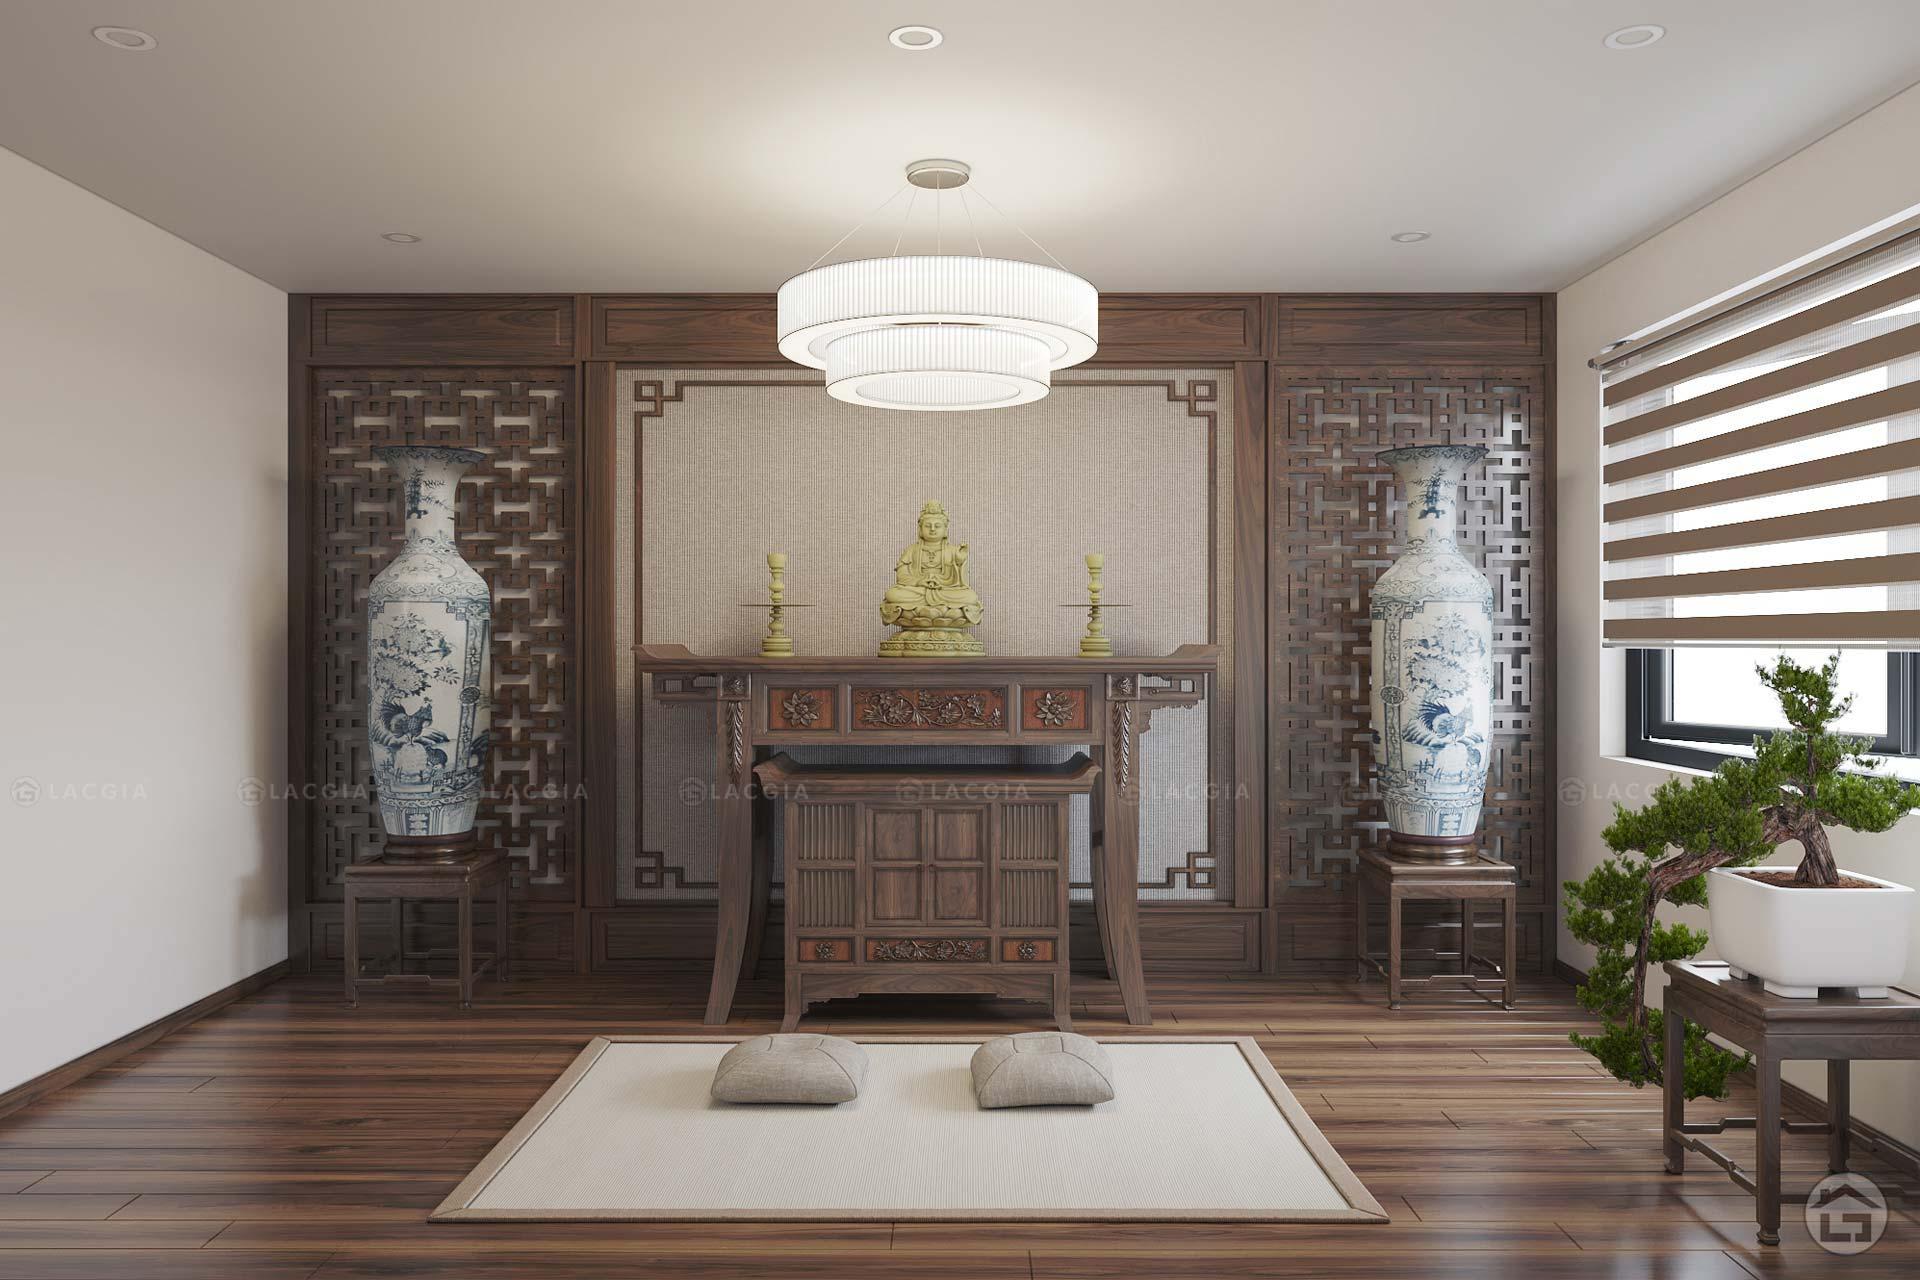 Thiết kế nội thất phòng thờ được xem là một trong những việc rất quan trọng mà nhiều gia đình hiện nay để ý